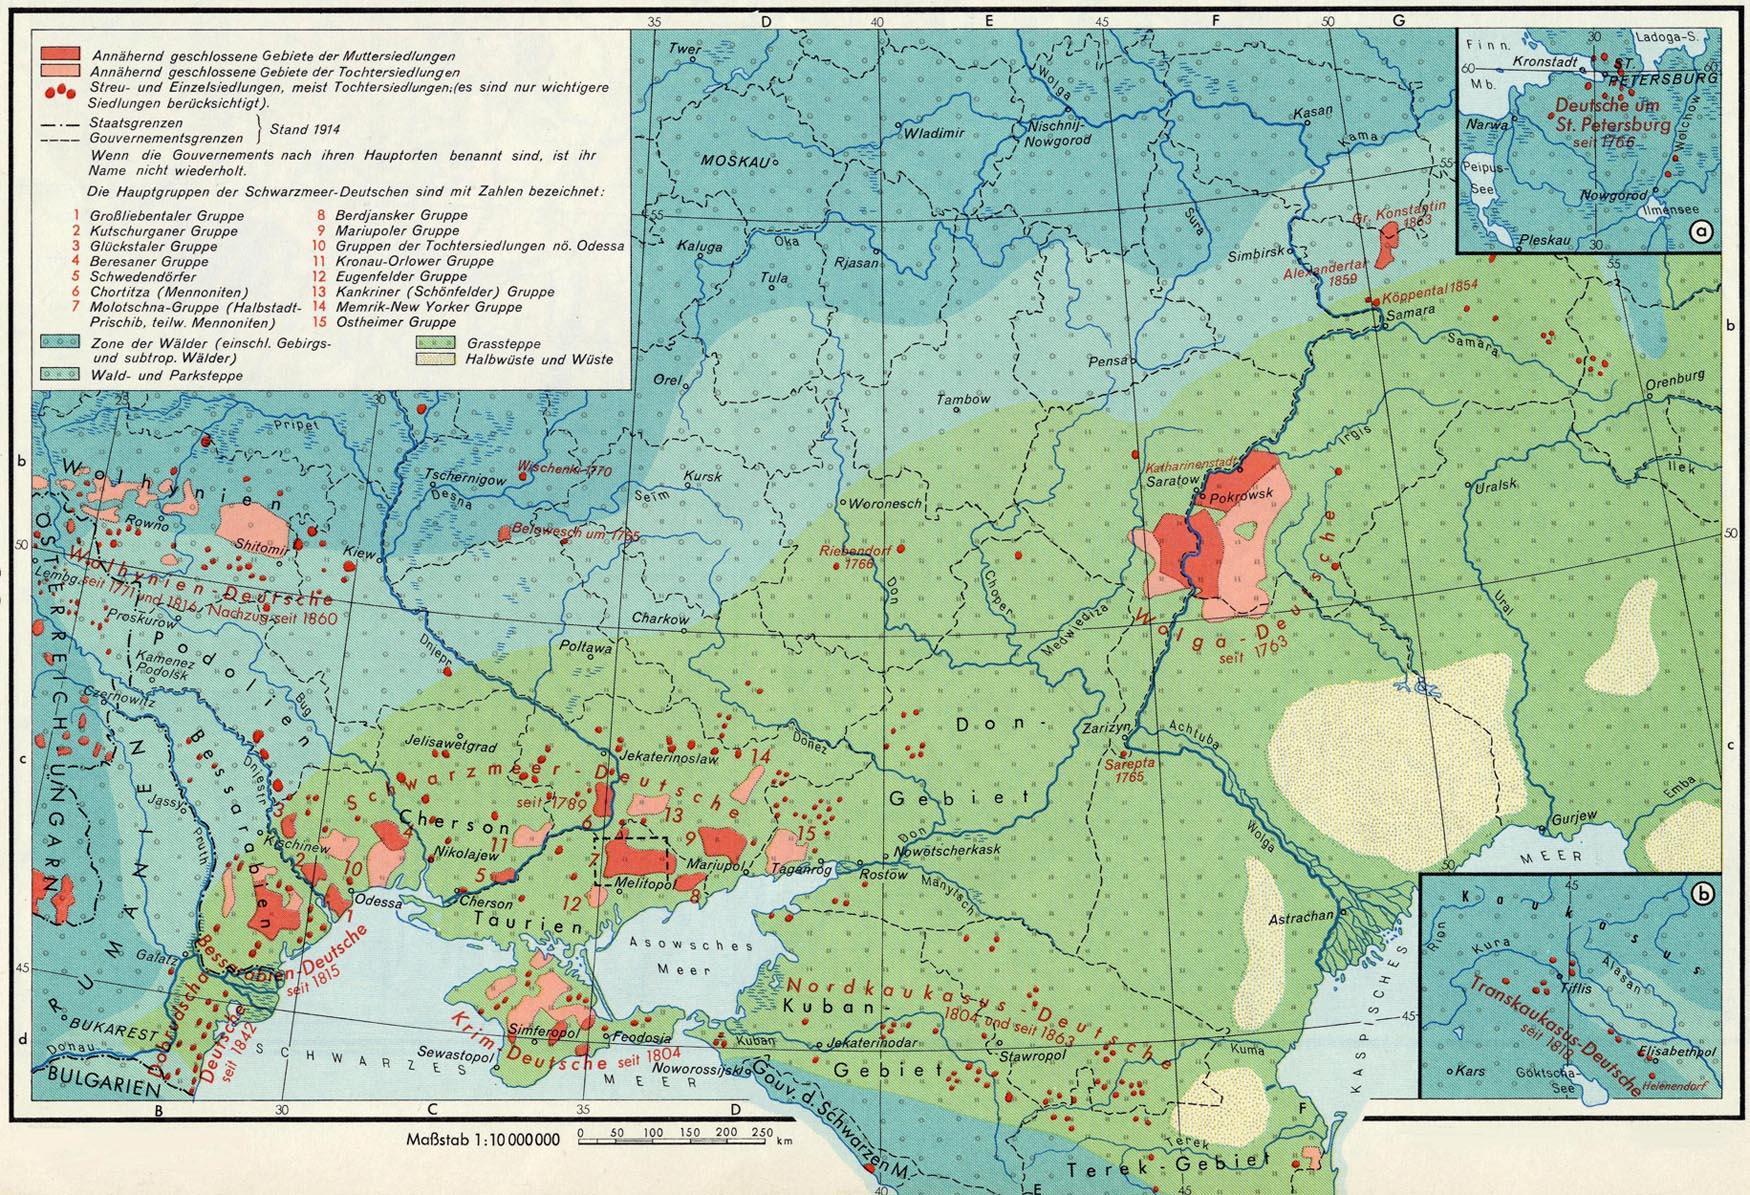 Deutsches Reich Karte.Karte Der Deutschen Siedlungsgebiete Im Russischen Reich Vor 1917